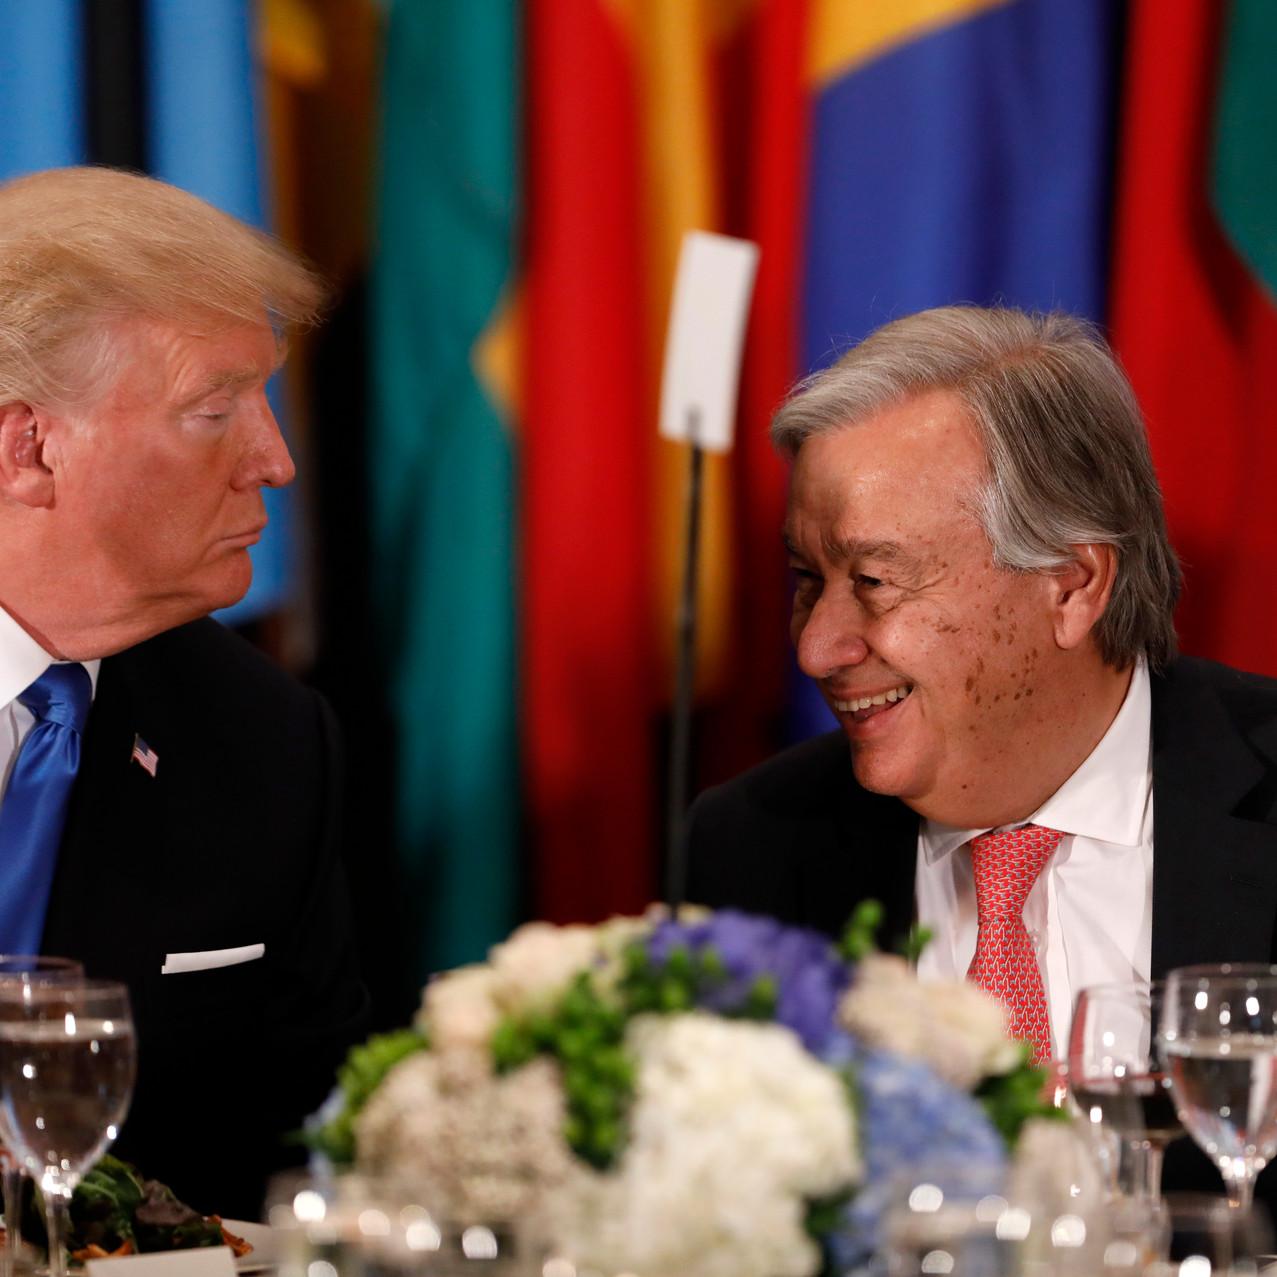 Pres Trump & UN Sec General